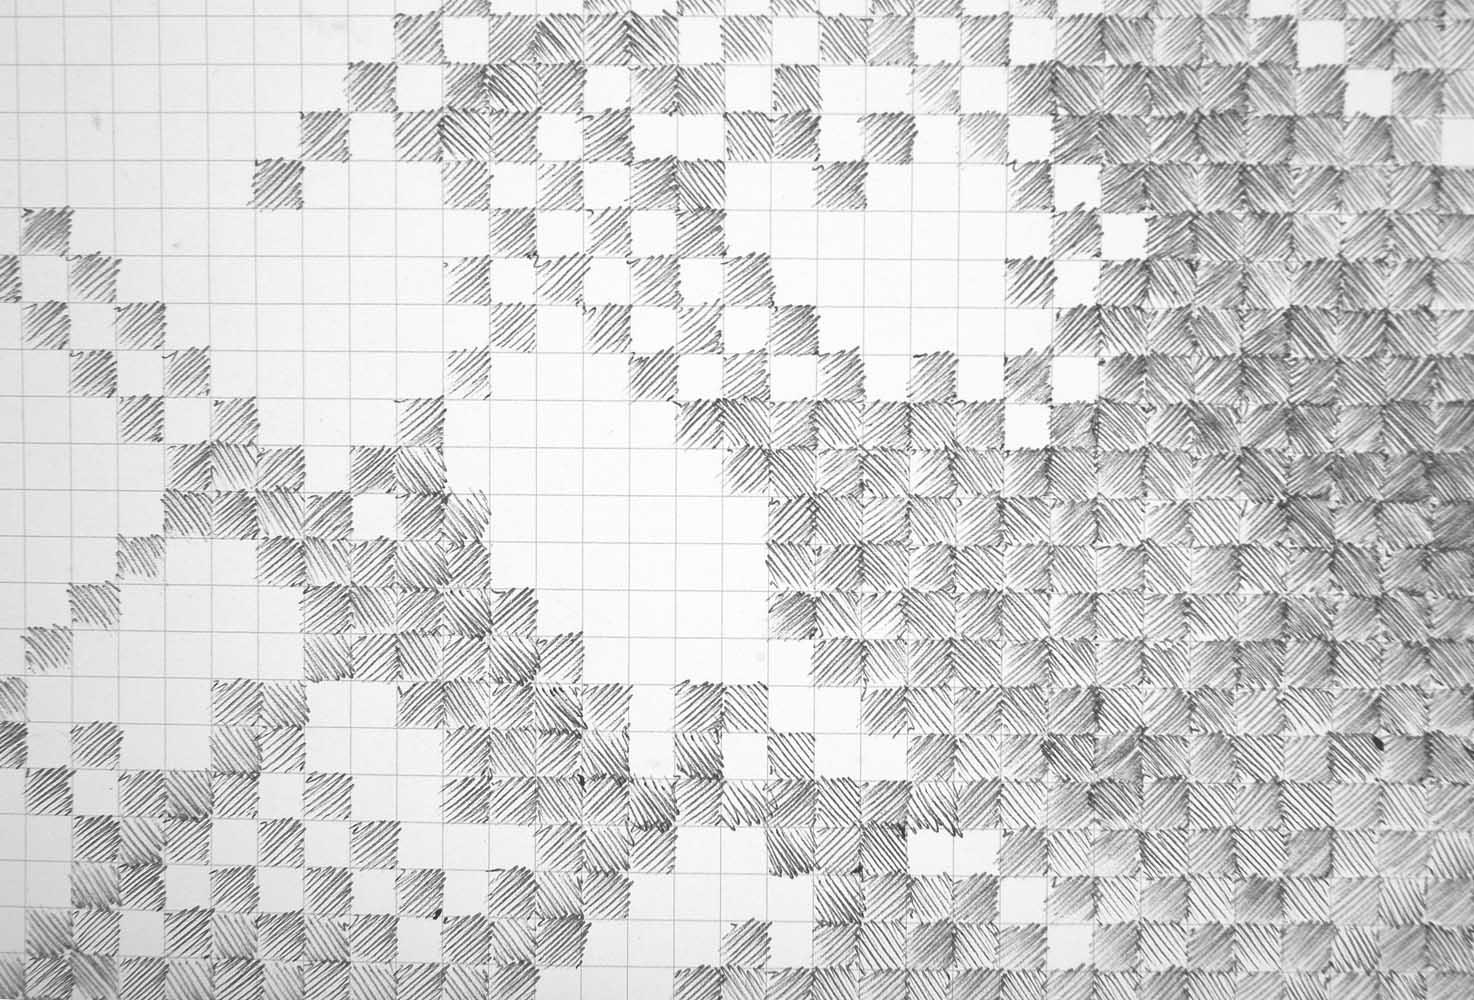 <em>Cartographie de l'ennui</em>, 2011<br>stylo à bille sur papier imprimé <br>2,10 x 3 m <br>détail